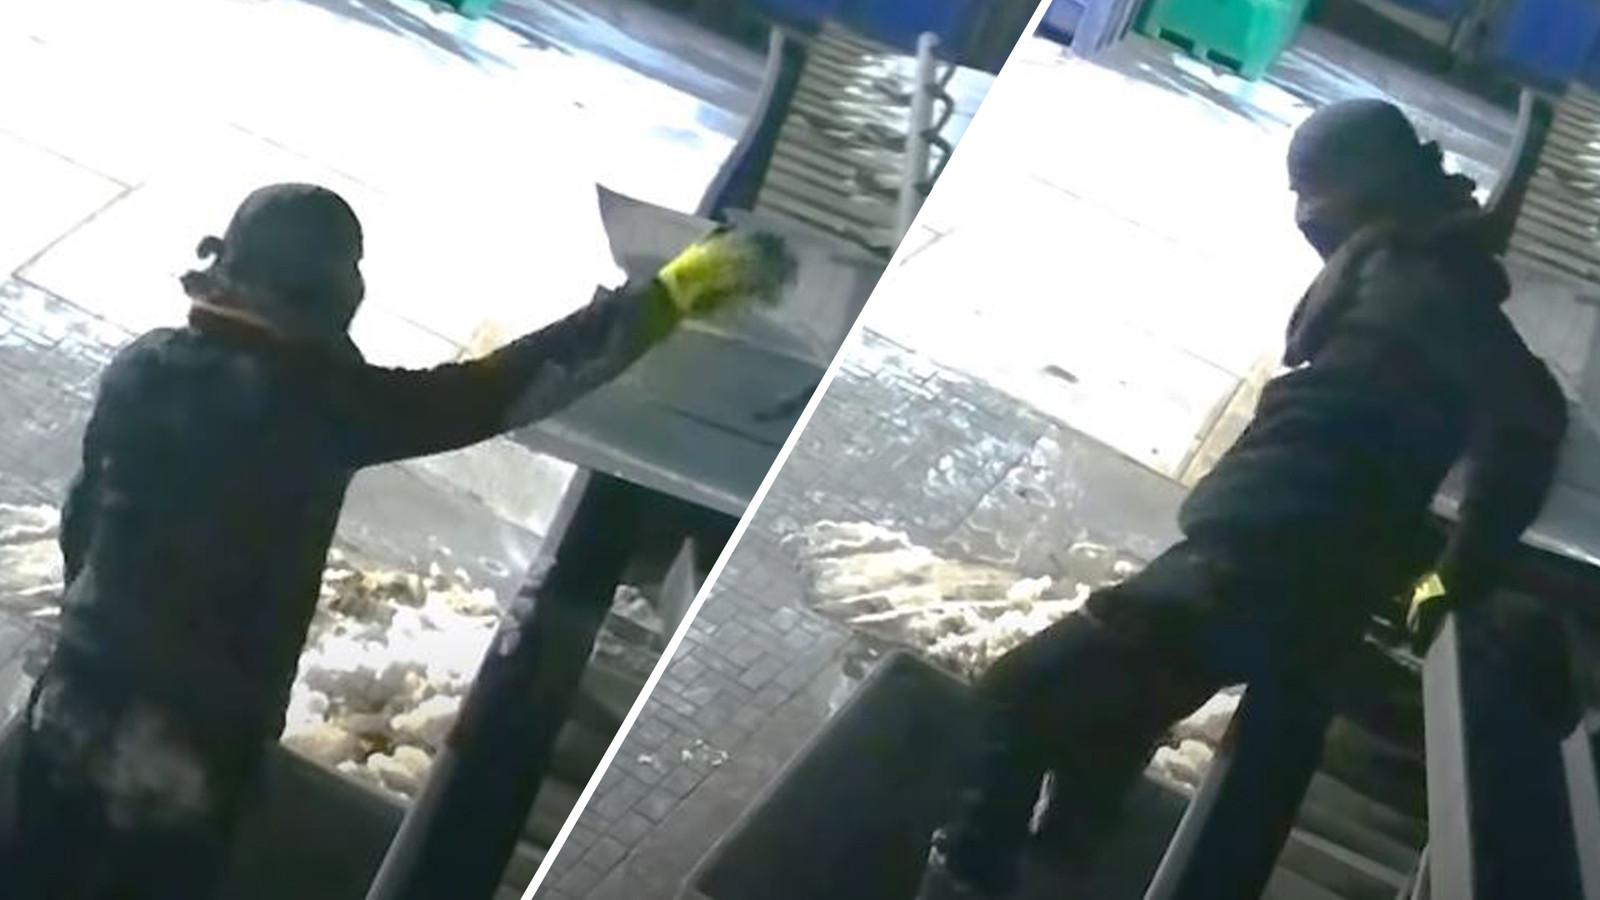 De inbrekers sloegen meermaals toe op Bedrijventerrein Hazewinkel in Oldenzaal.